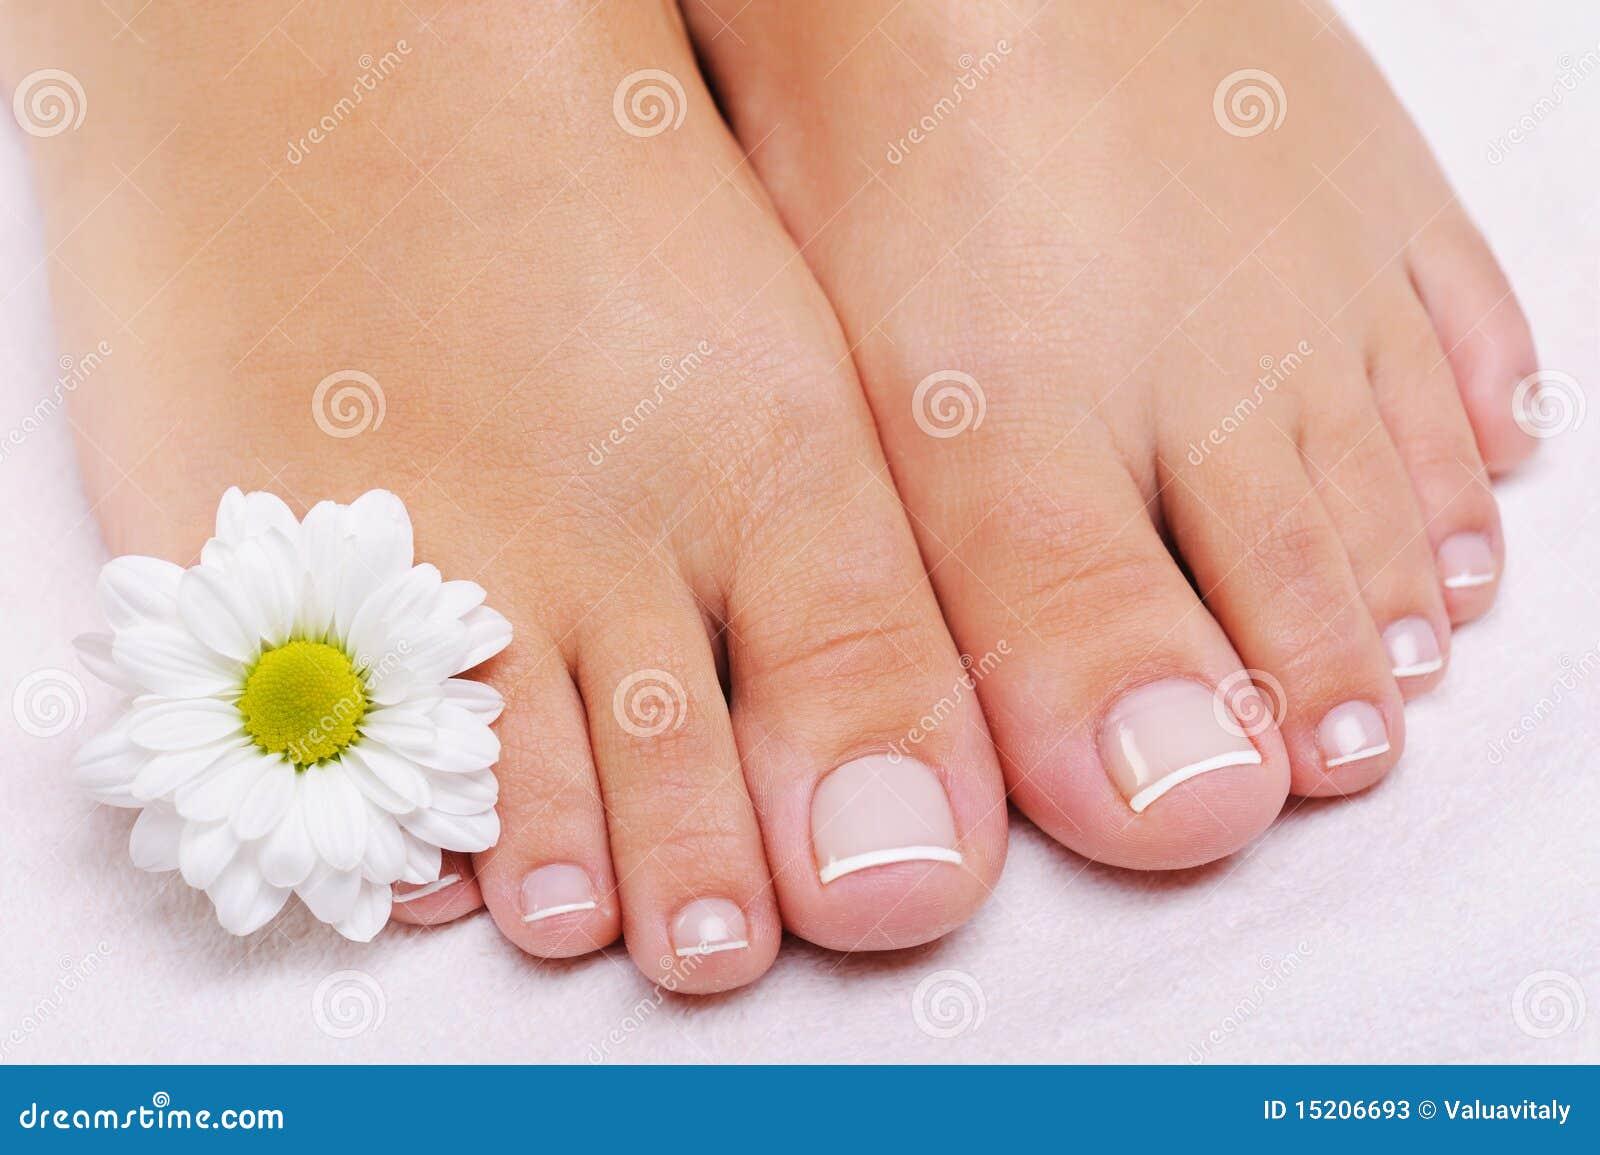 Pedicure francés en pies femeninos